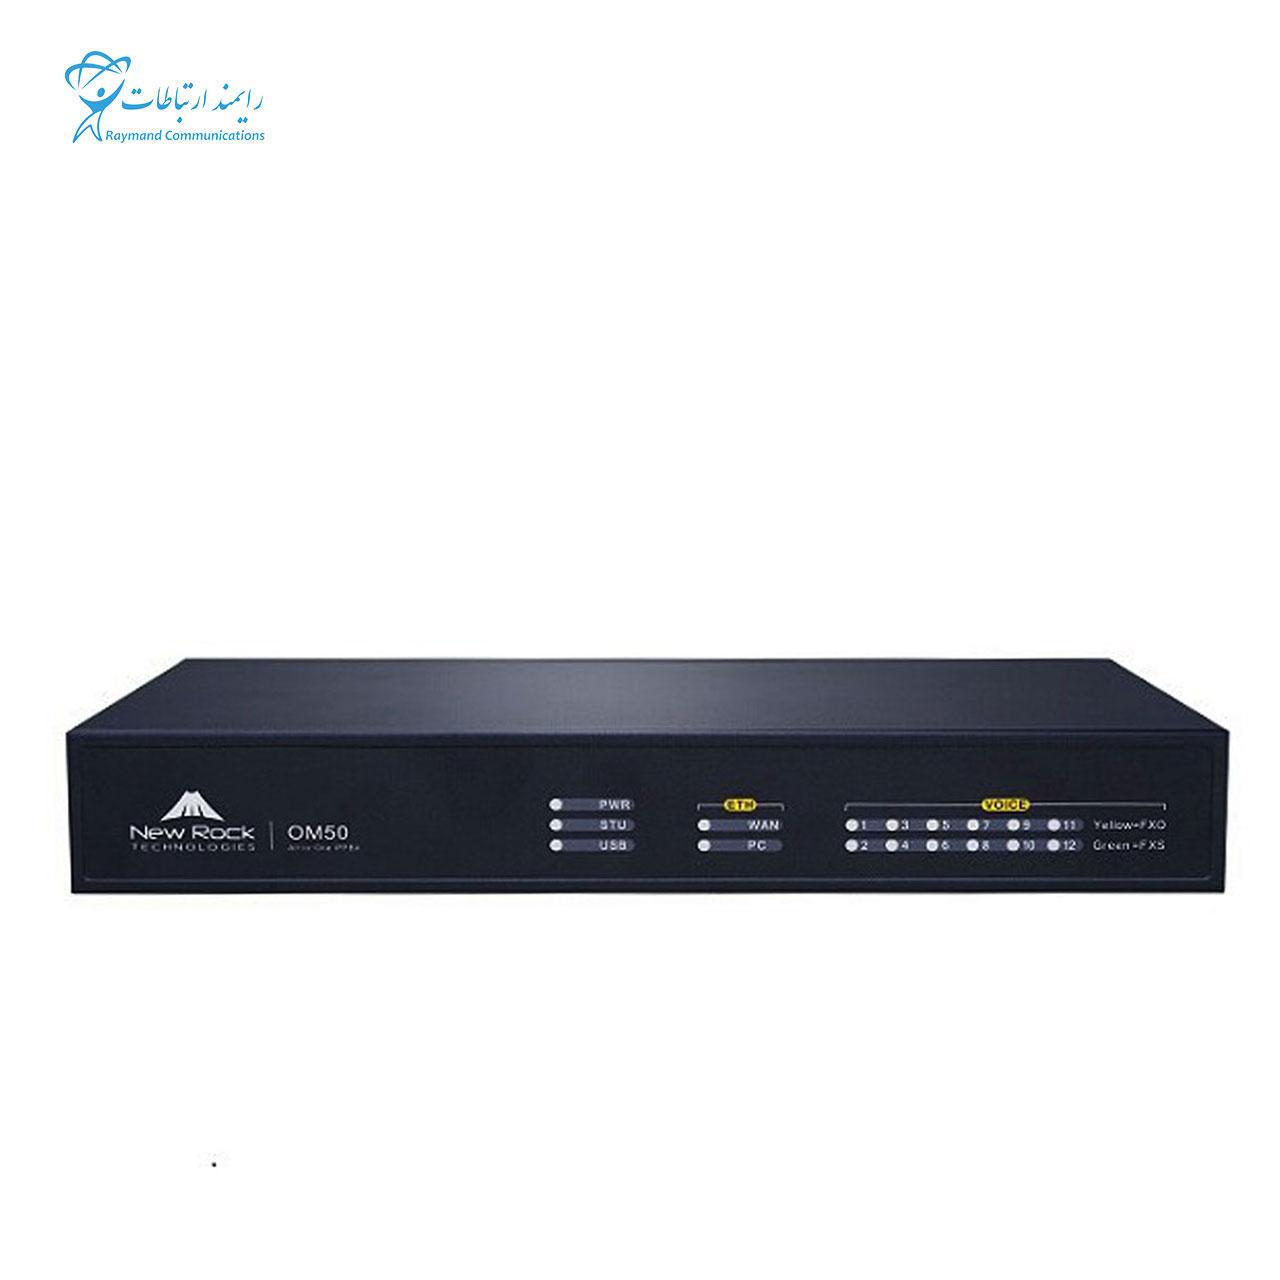 مرکز تلفن تحت شبکه نیوراک IPPBX OM50-4FXO-8FXS